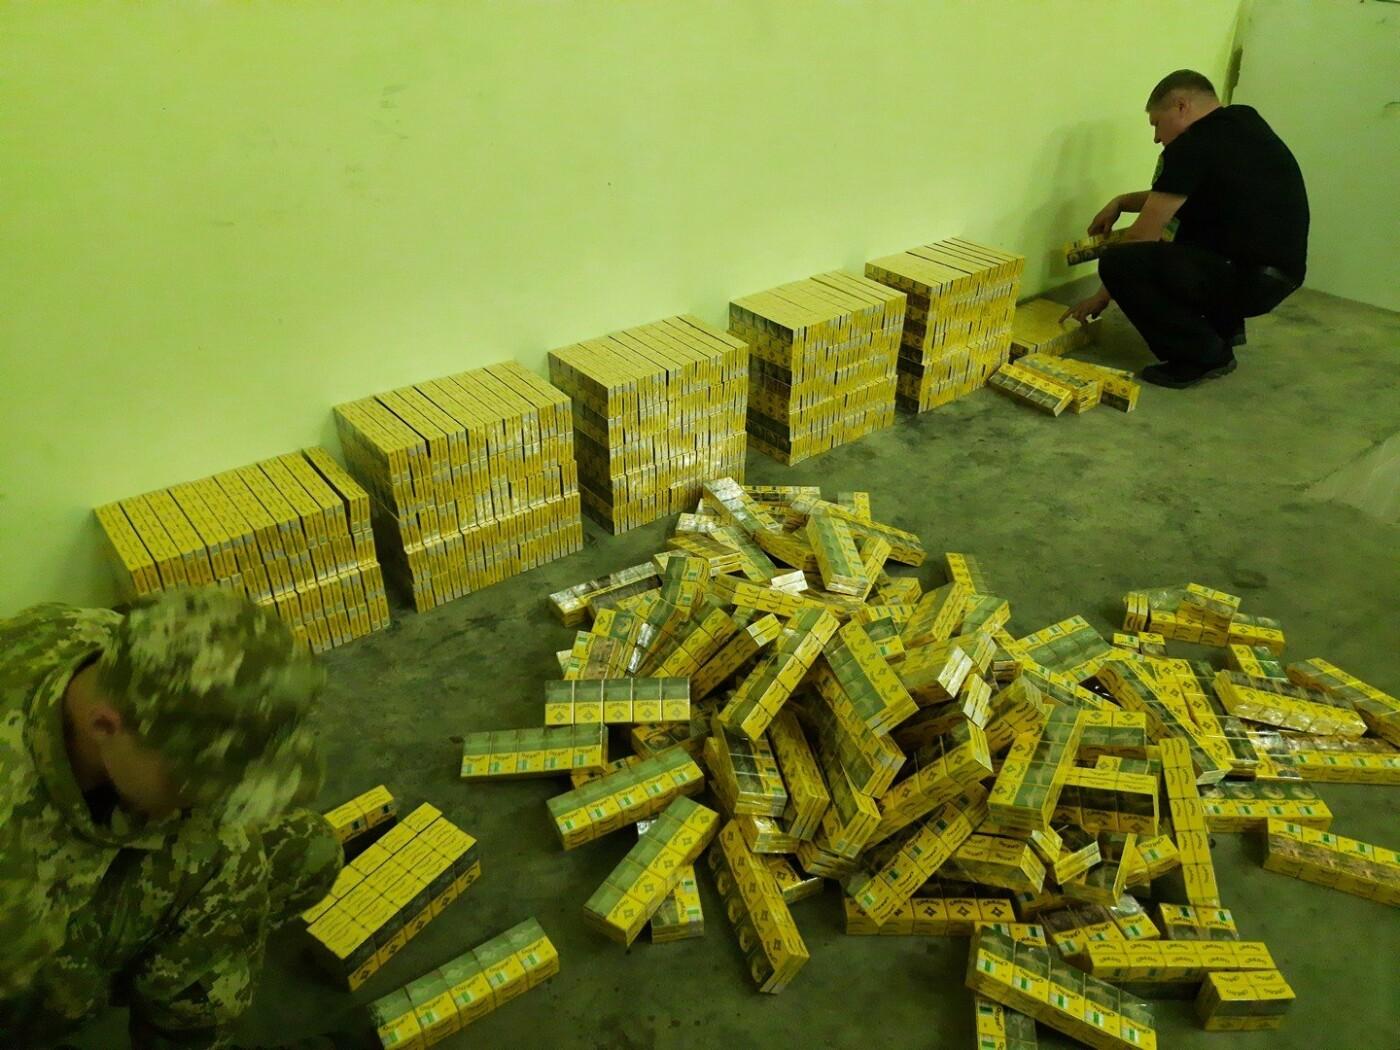 Білоруські контрабандисти везли до Чернігівщини більше 100 000 пачок цигарок, фото-1